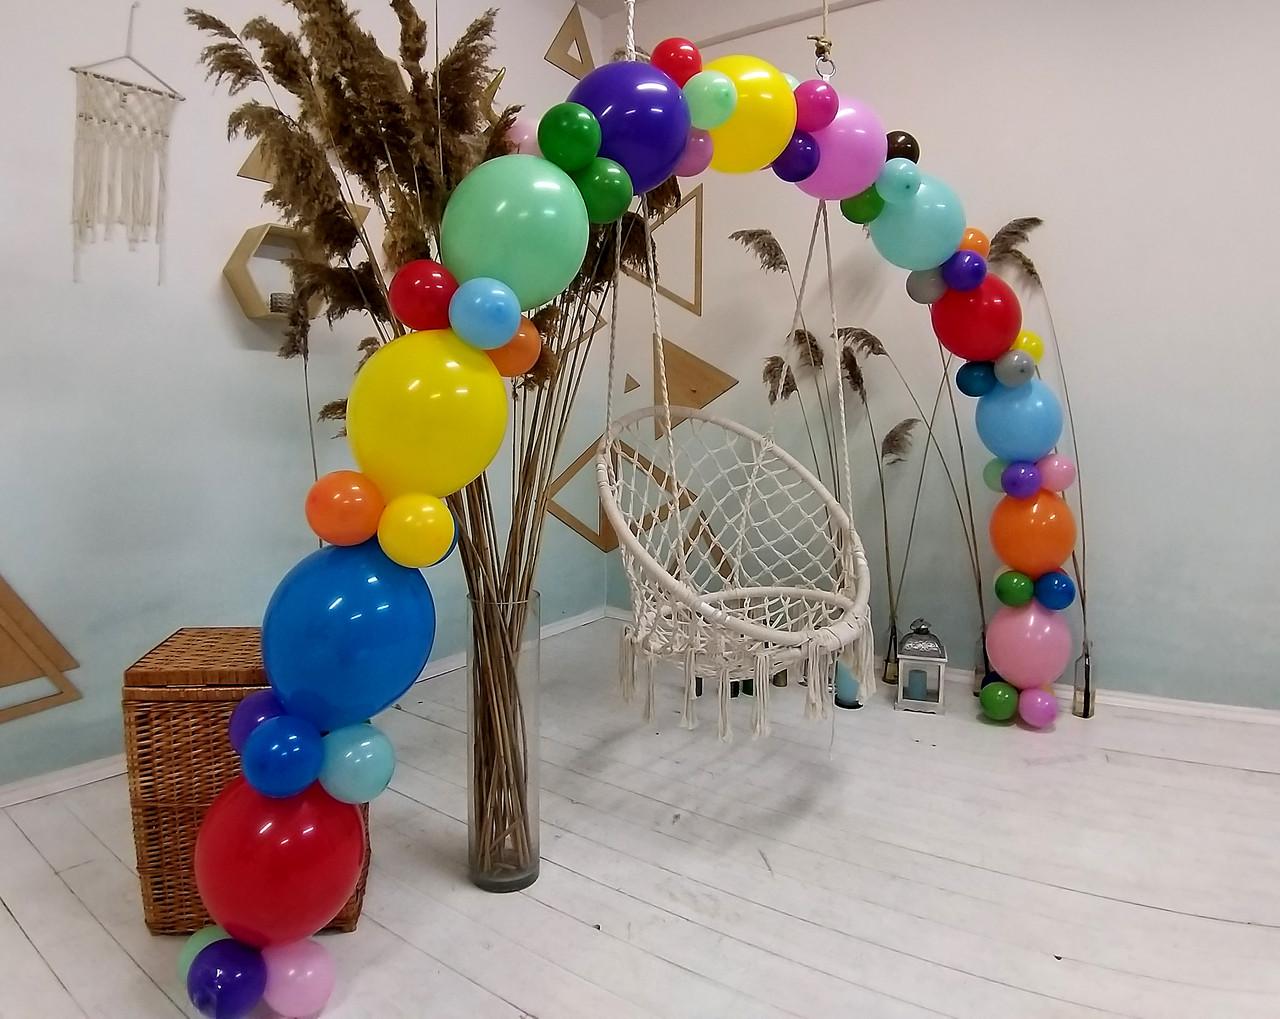 Гирлянда с воздушных шариков (радужная) /большие шарики/